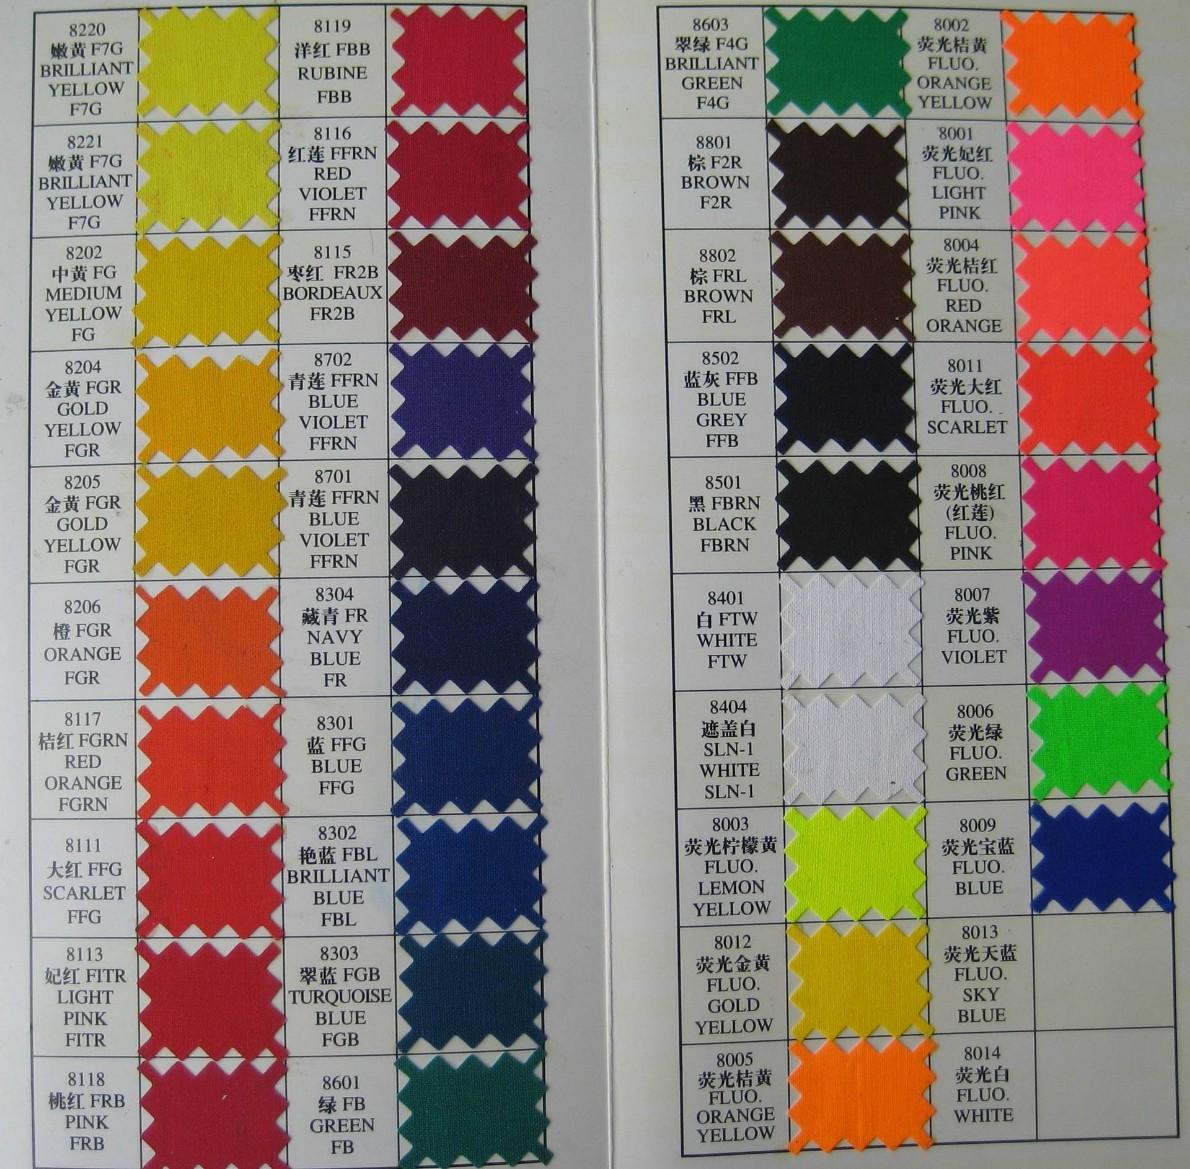 蓝彩科迪水性色浆,颜色鲜明均匀,厂家长期直供